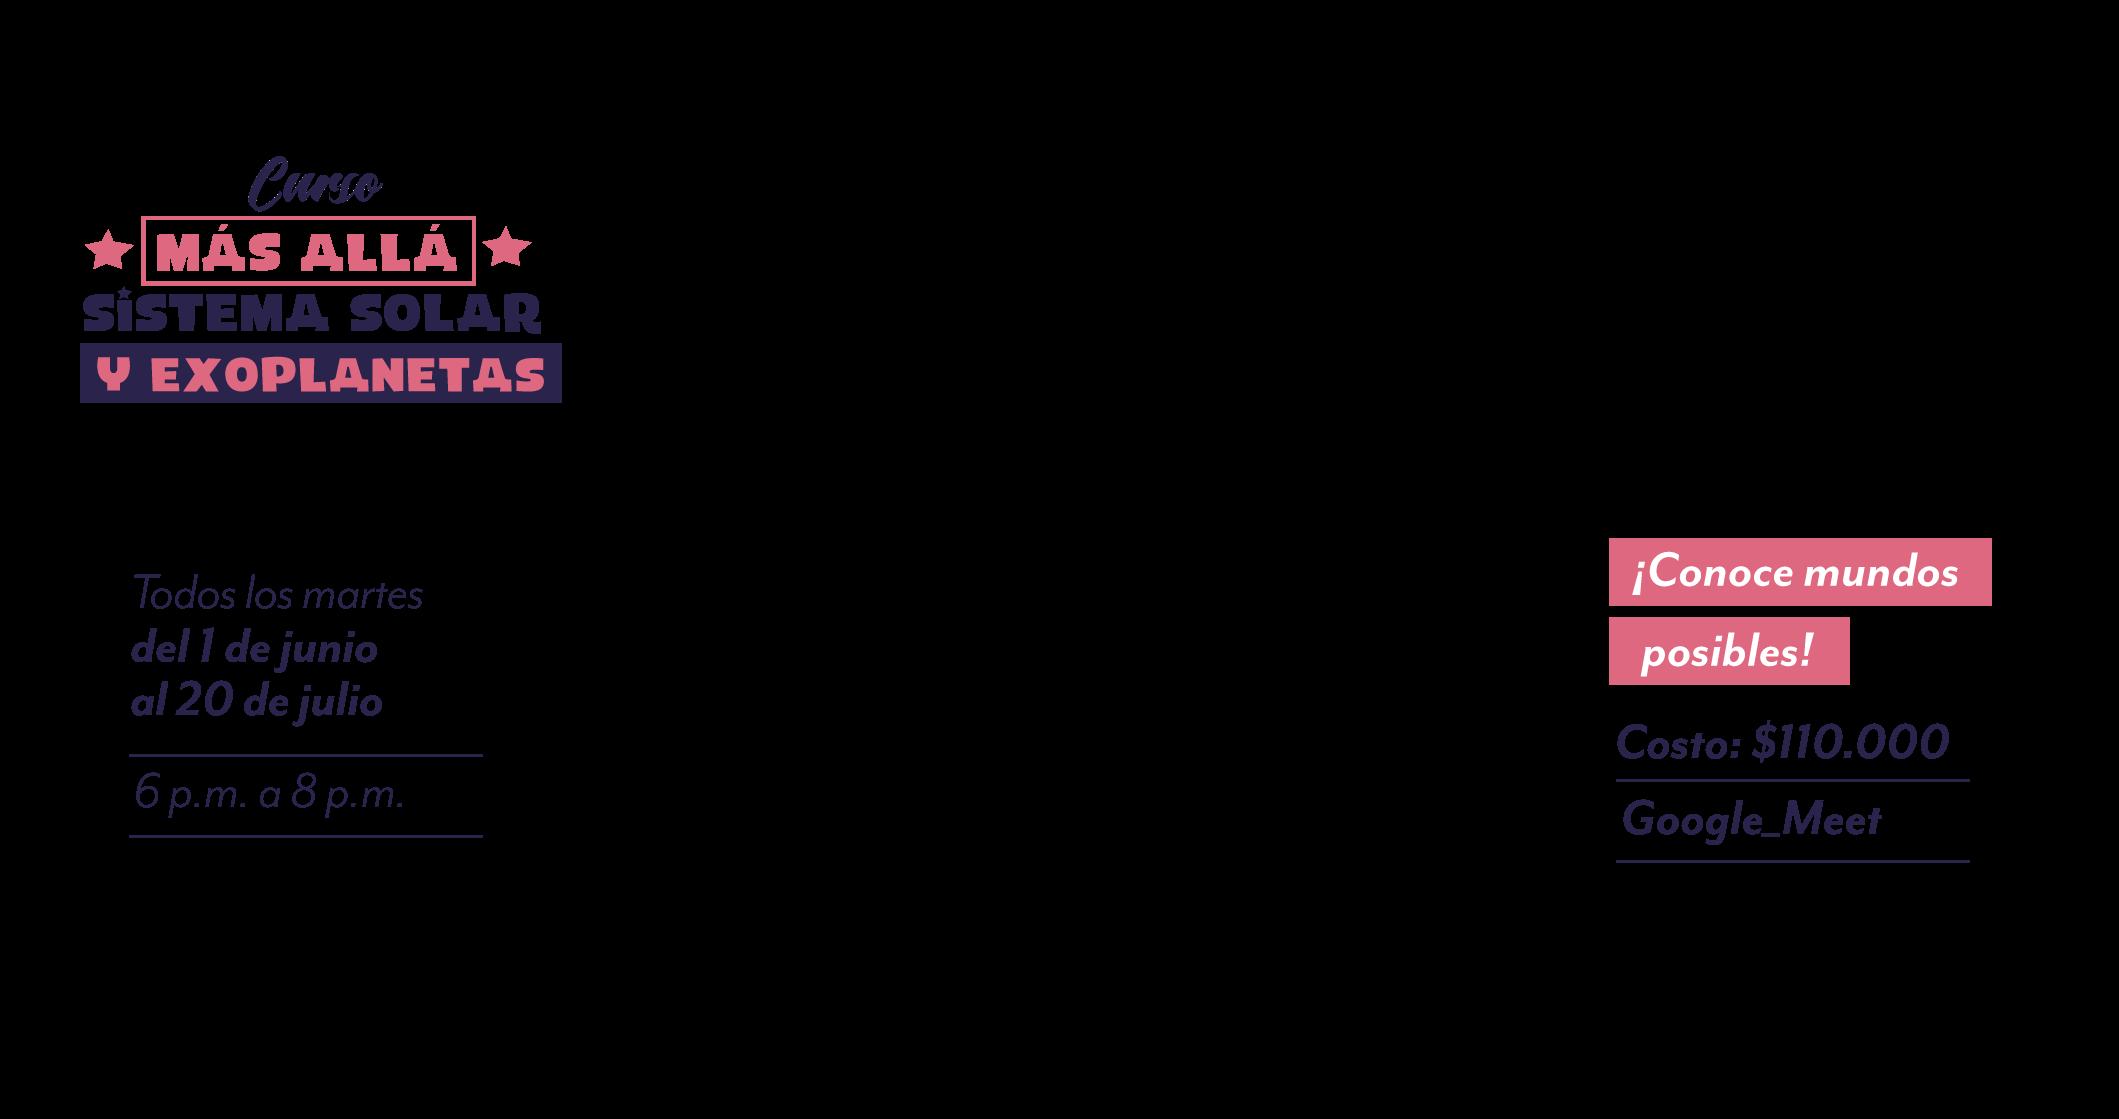 banner-Planetario-1119-x-591--Curso-mas-allá,-sistema-solar-y-exoplanetas-texto.png